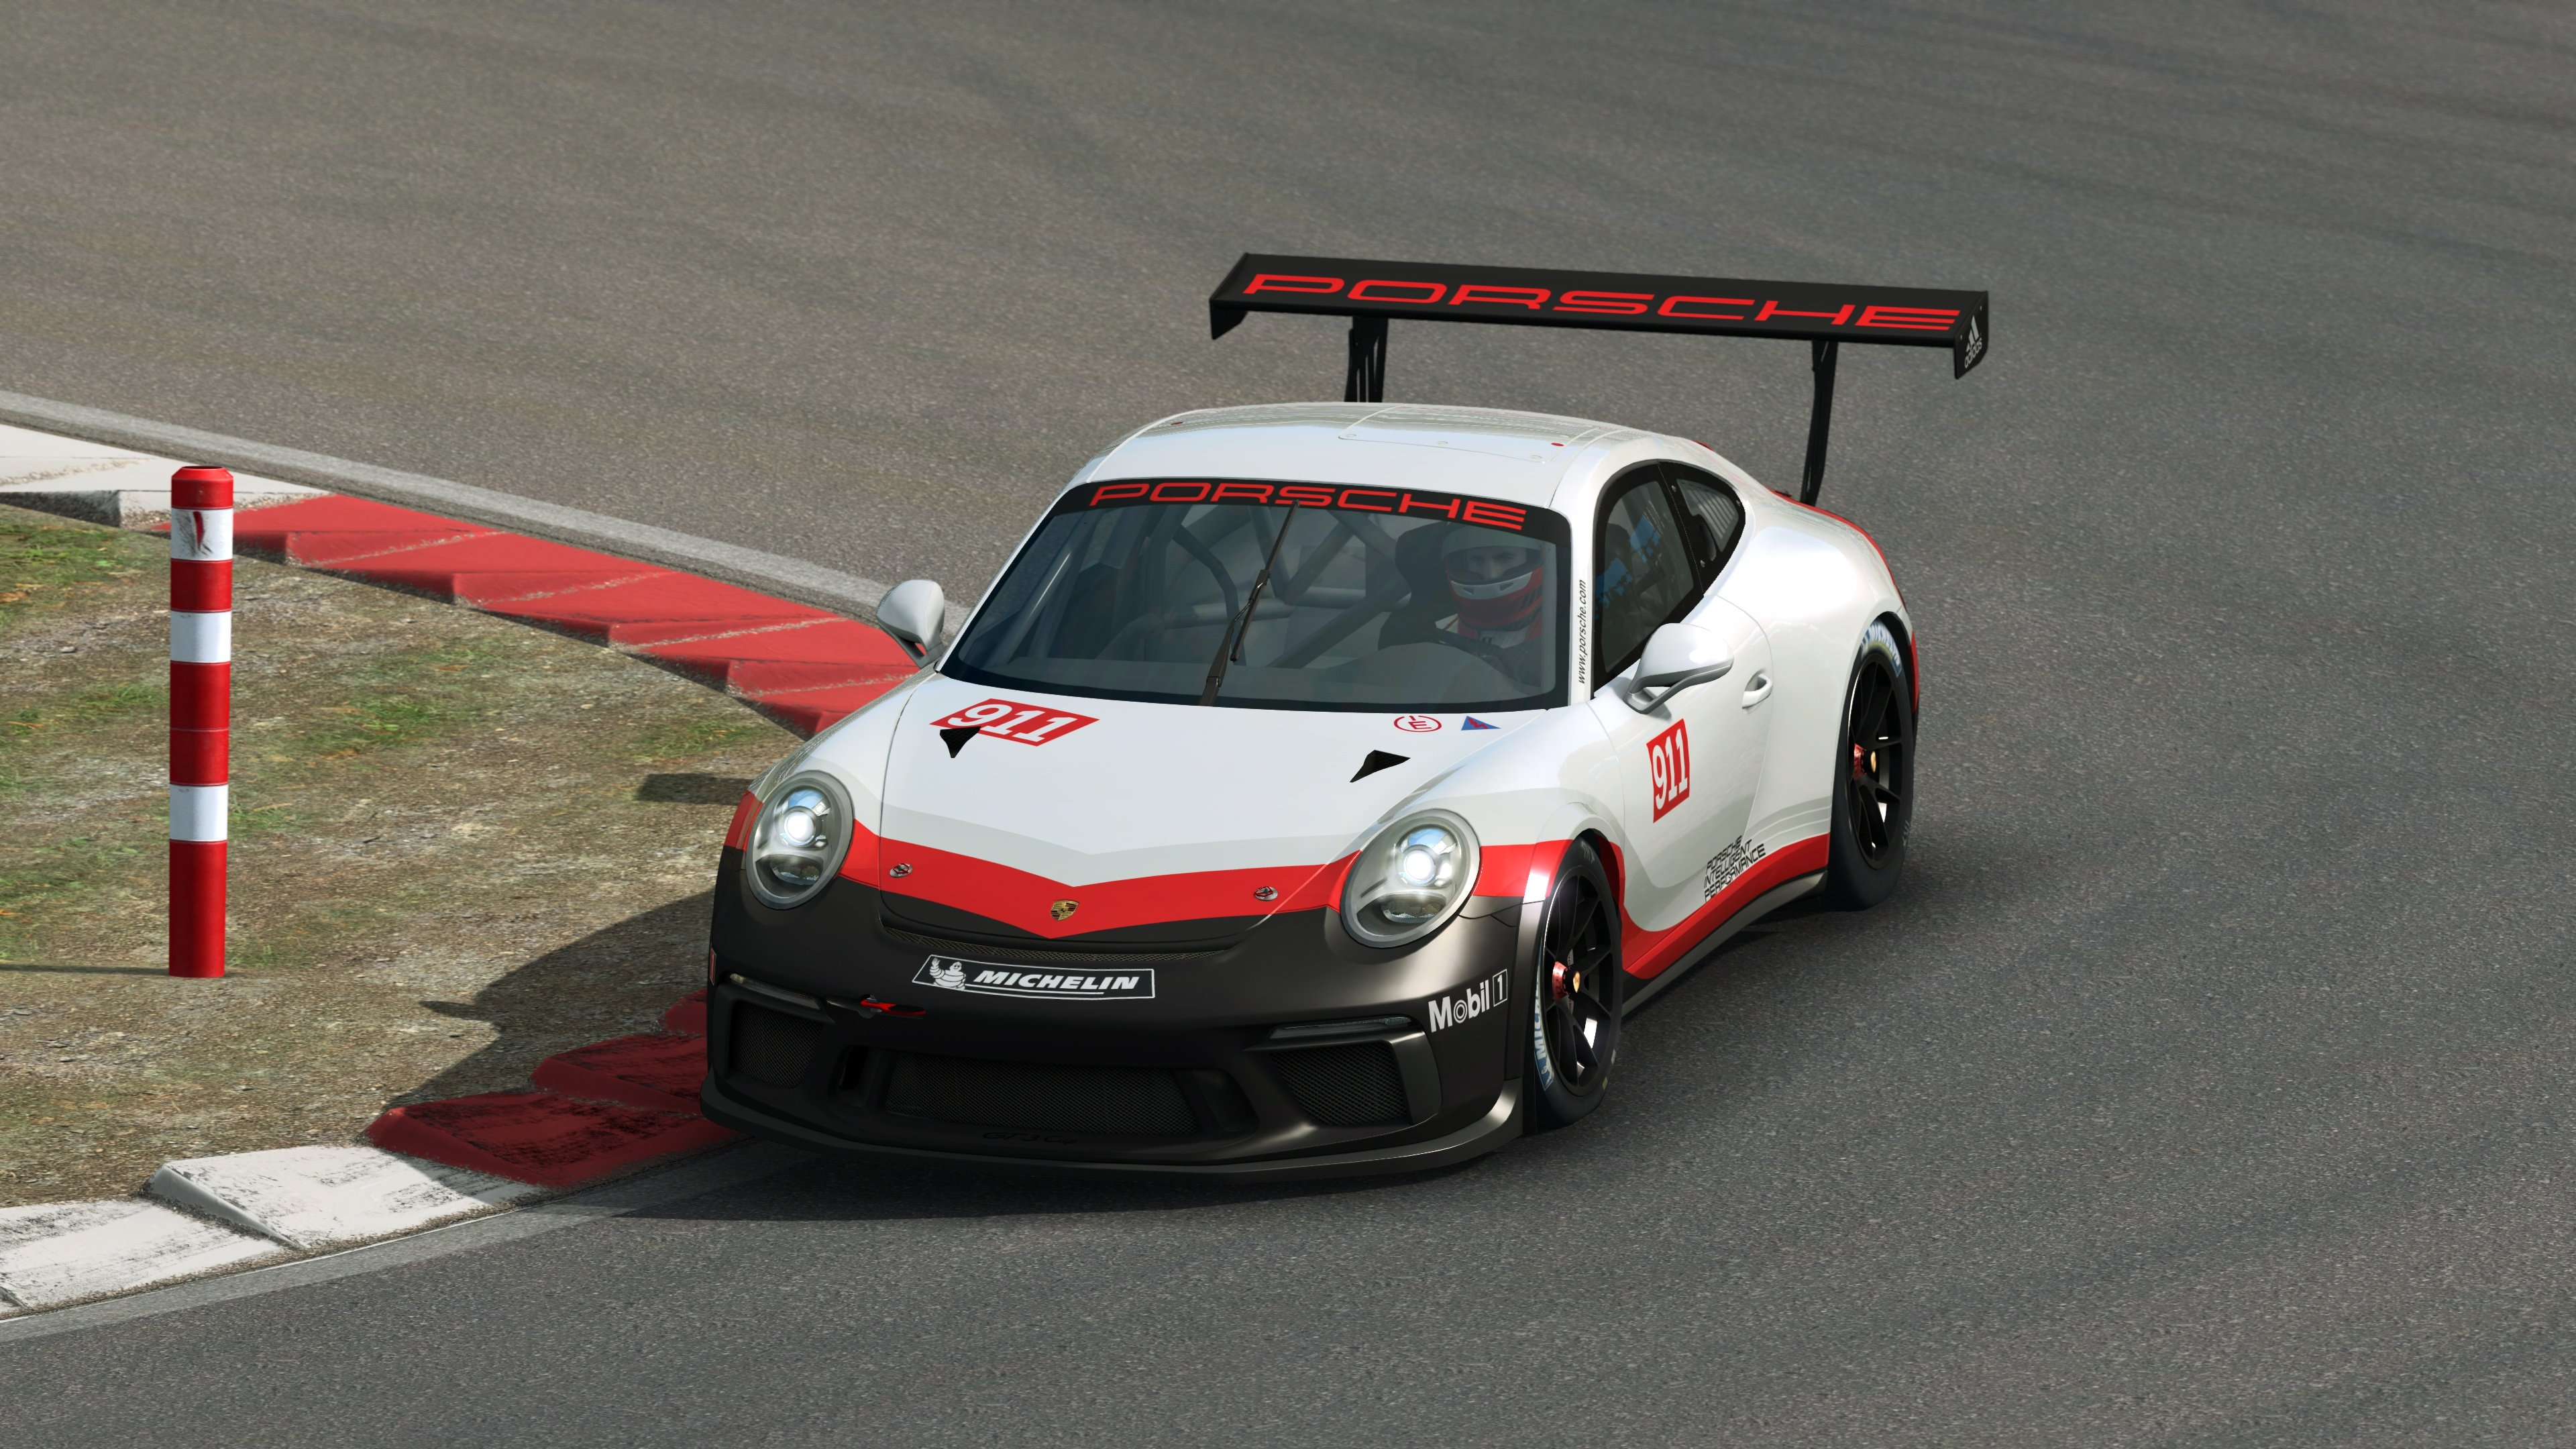 RaceRoom 991.2 Porsche 911 GT3 Cup 20